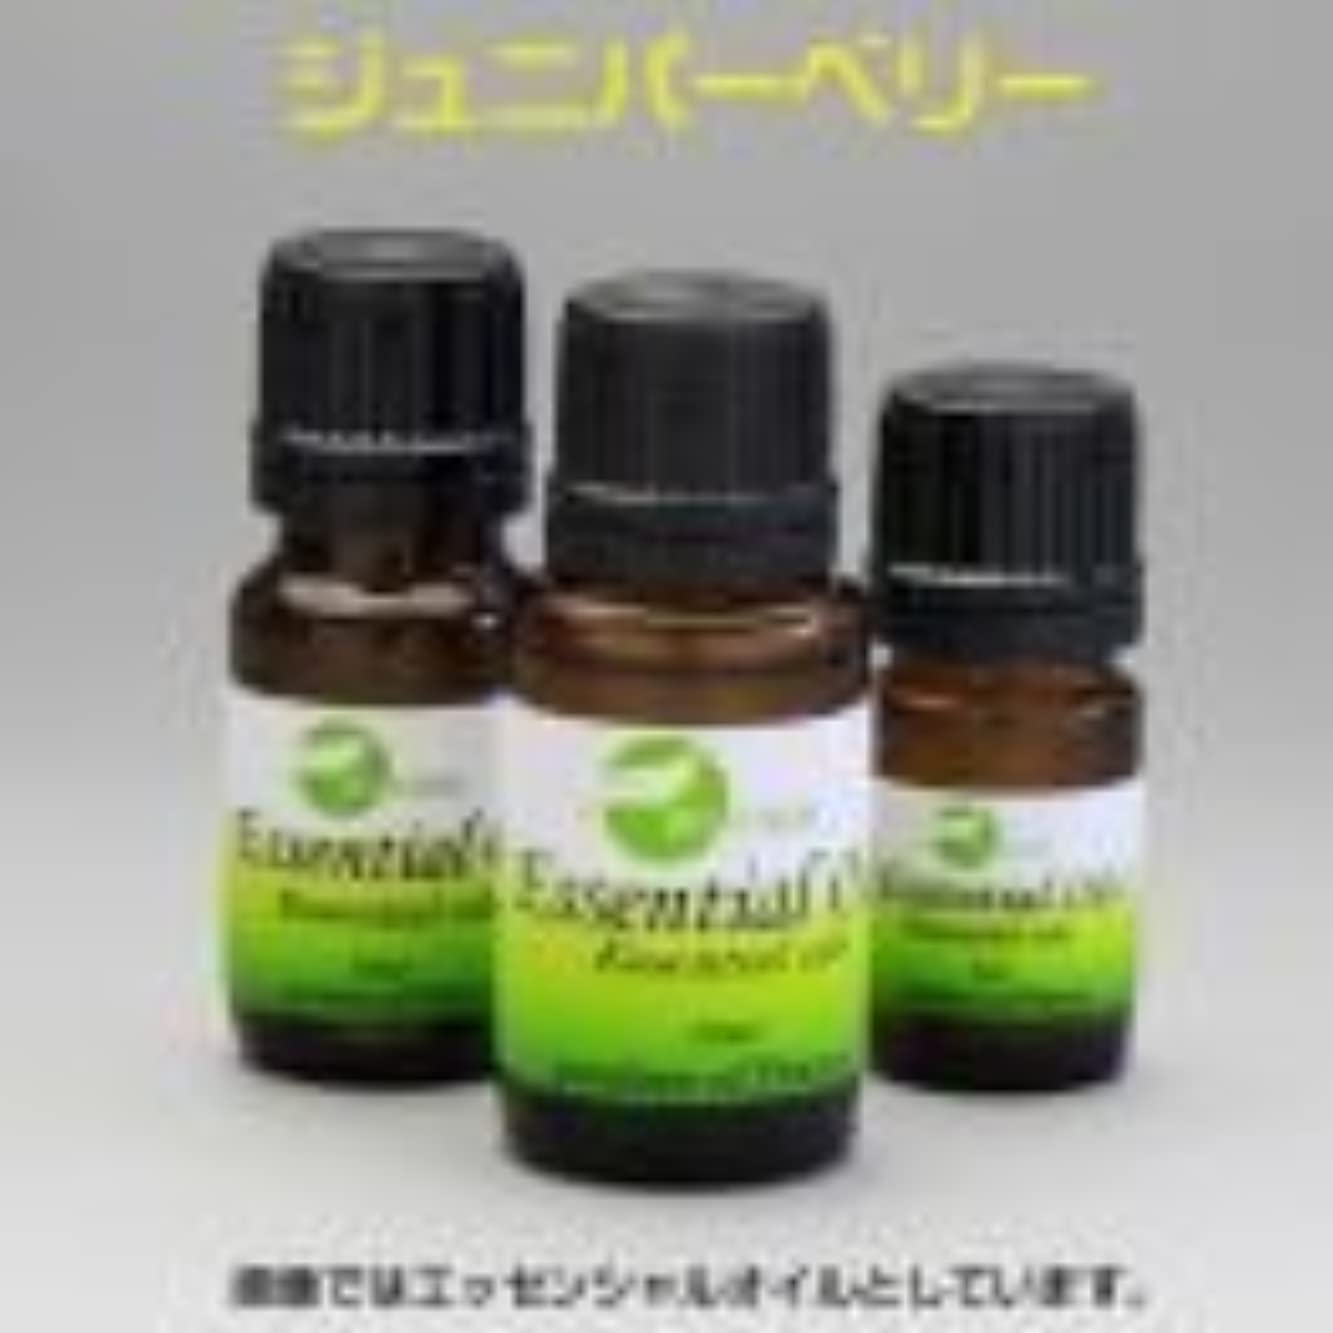 夏クランプ接ぎ木[エッセンシャルオイル] 松の針葉に似たフレッシュな樹脂の香り ジュニパーベリー 15ml